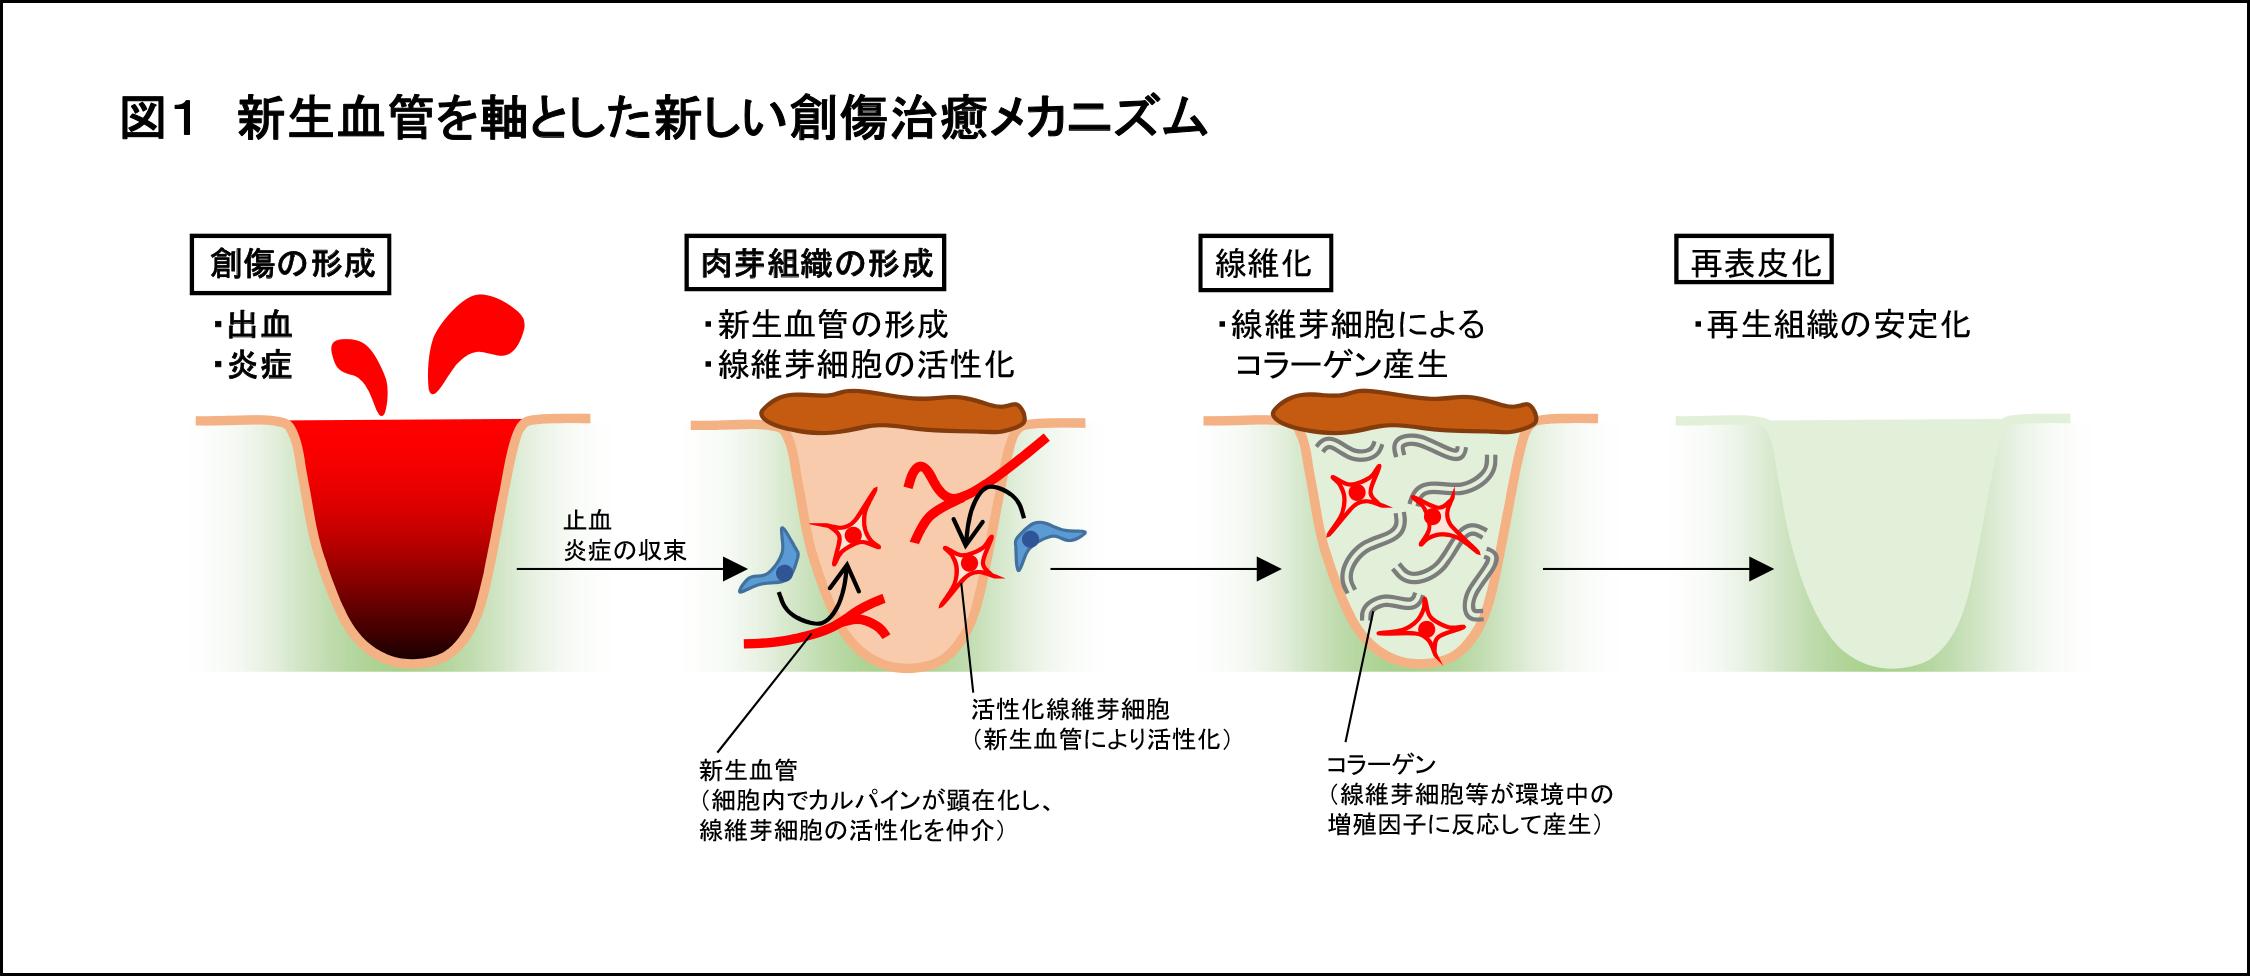 傷の治癒に関する新たな仕組みを解明 -- 毛細血管が皮膚の修復をコントロールする -- 昭和大学